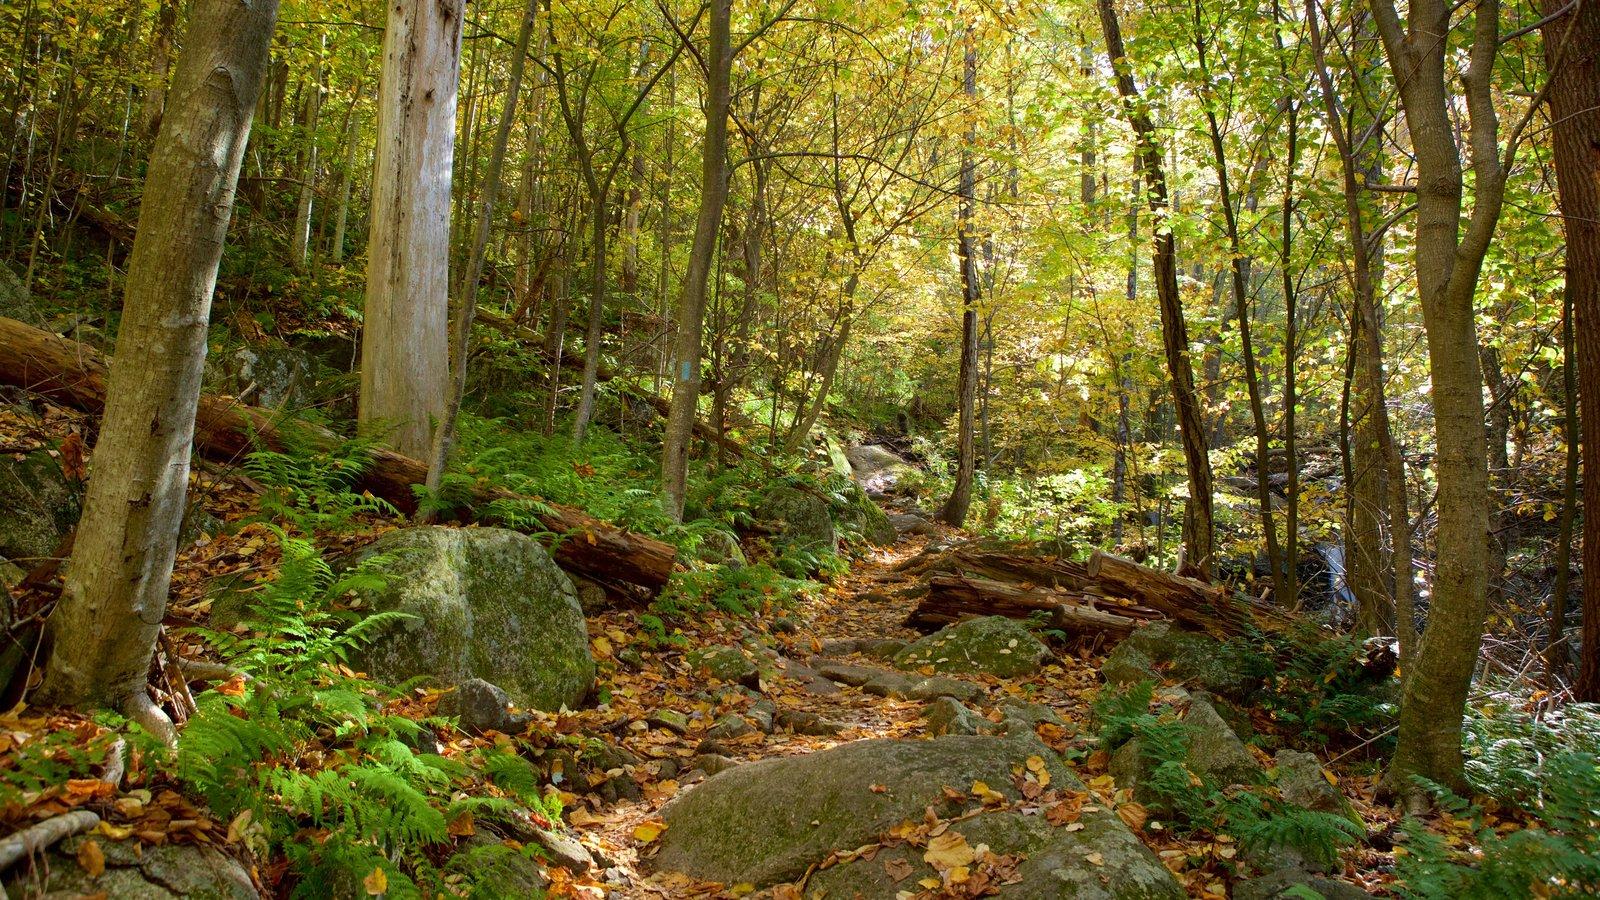 Parque Nacional Shenandoah mostrando escenas forestales y los colores del otoño